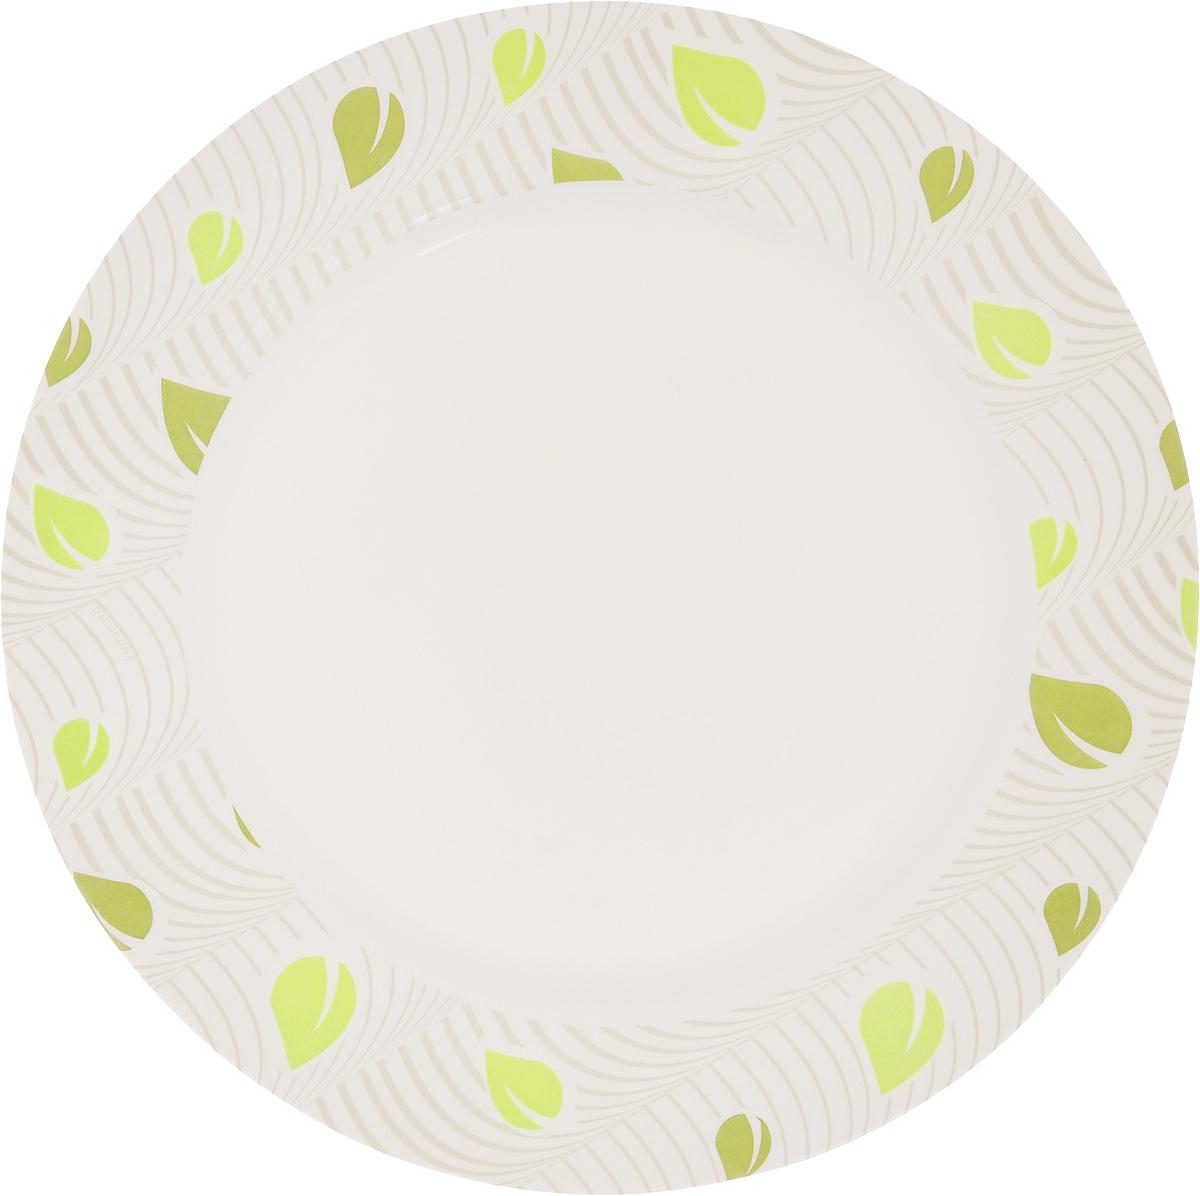 Тарелка Luminarc Amely, диаметр 26,5 см54 009312Элегантная тарелка Luminarc Amely, изготовленная из ударопрочного стекла, имеет изысканный внешний вид. Такая тарелка прекрасно подходит как для торжественных случаев, так и для повседневного использования. Она прекрасно оформит стол и станет отличным дополнением к вашей коллекции кухонной посуды. Диаметр тарелки (по верхнему краю): 26,5 см.